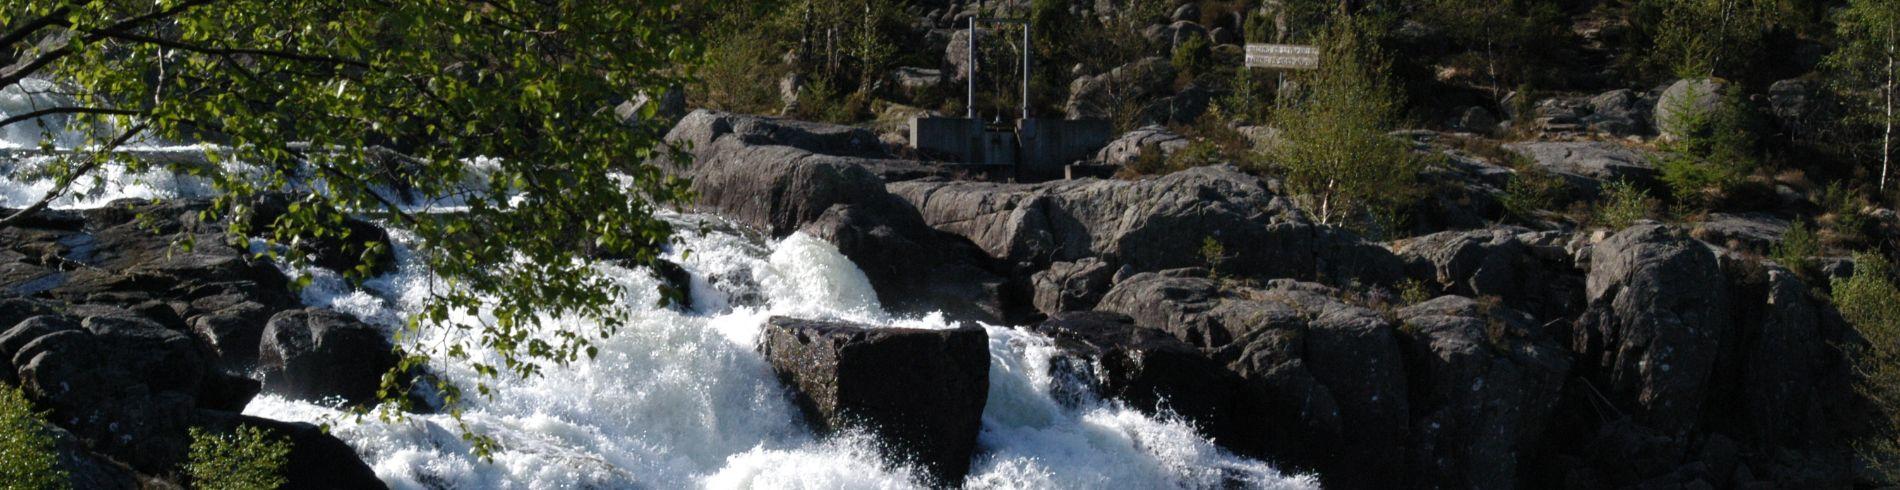 Strand kommune cover image